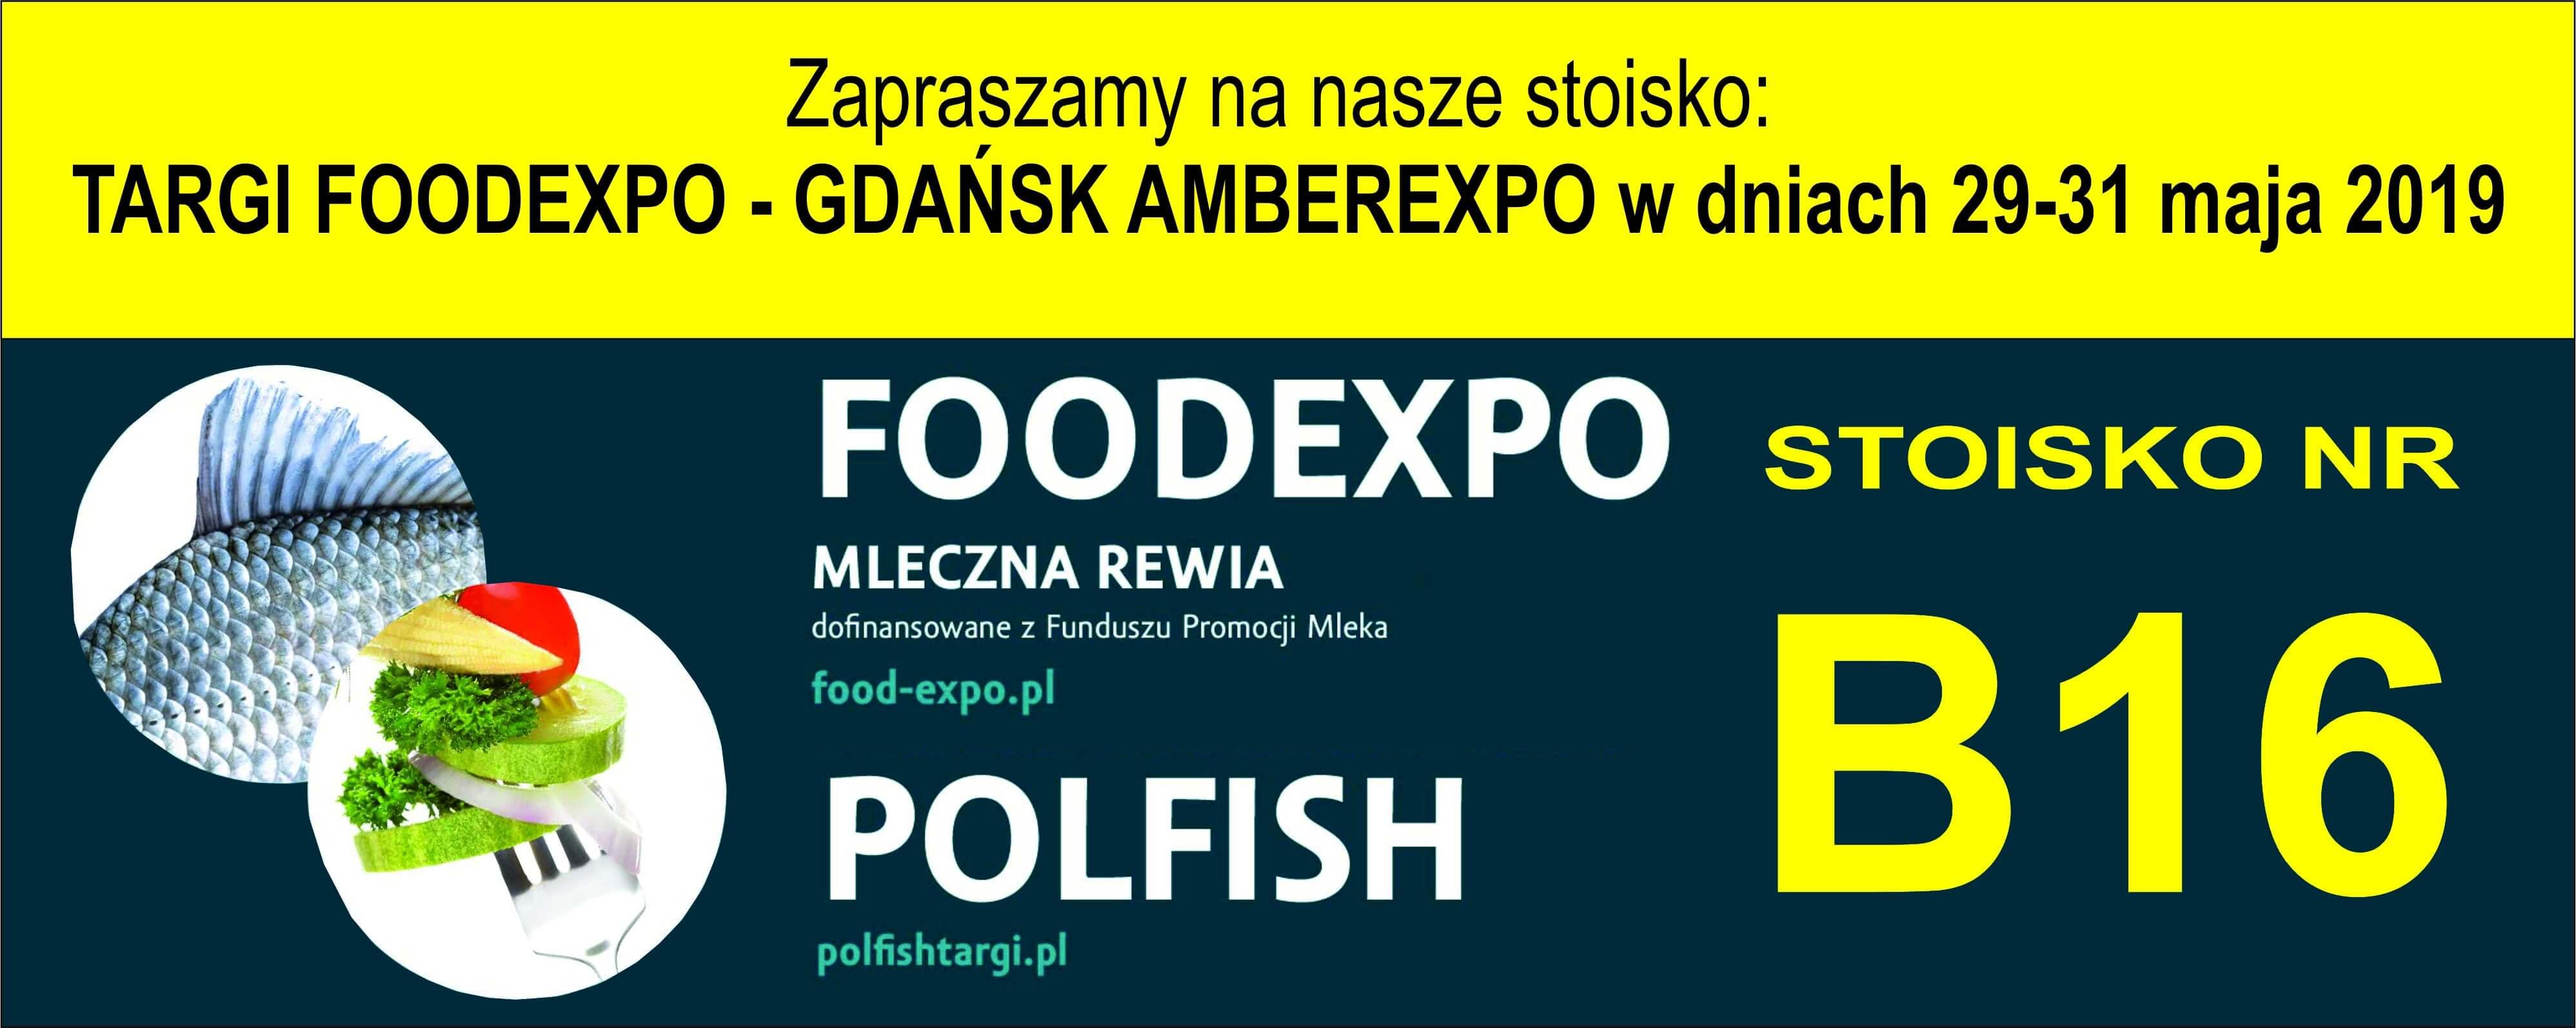 Spotkajmy się na targach w Gdańsku!